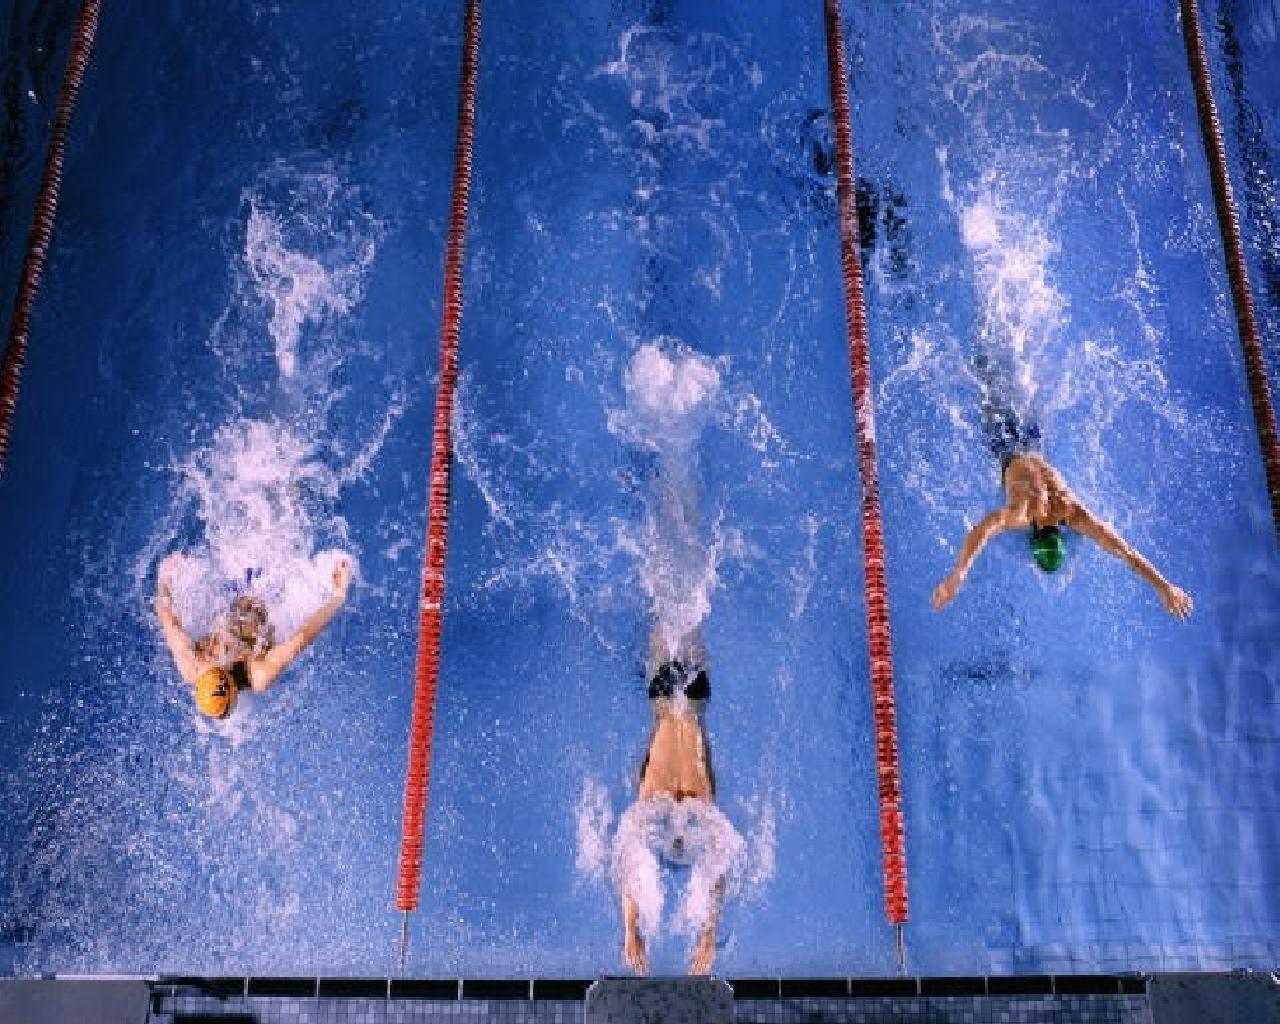 Пловца участвуют в соревнованиях